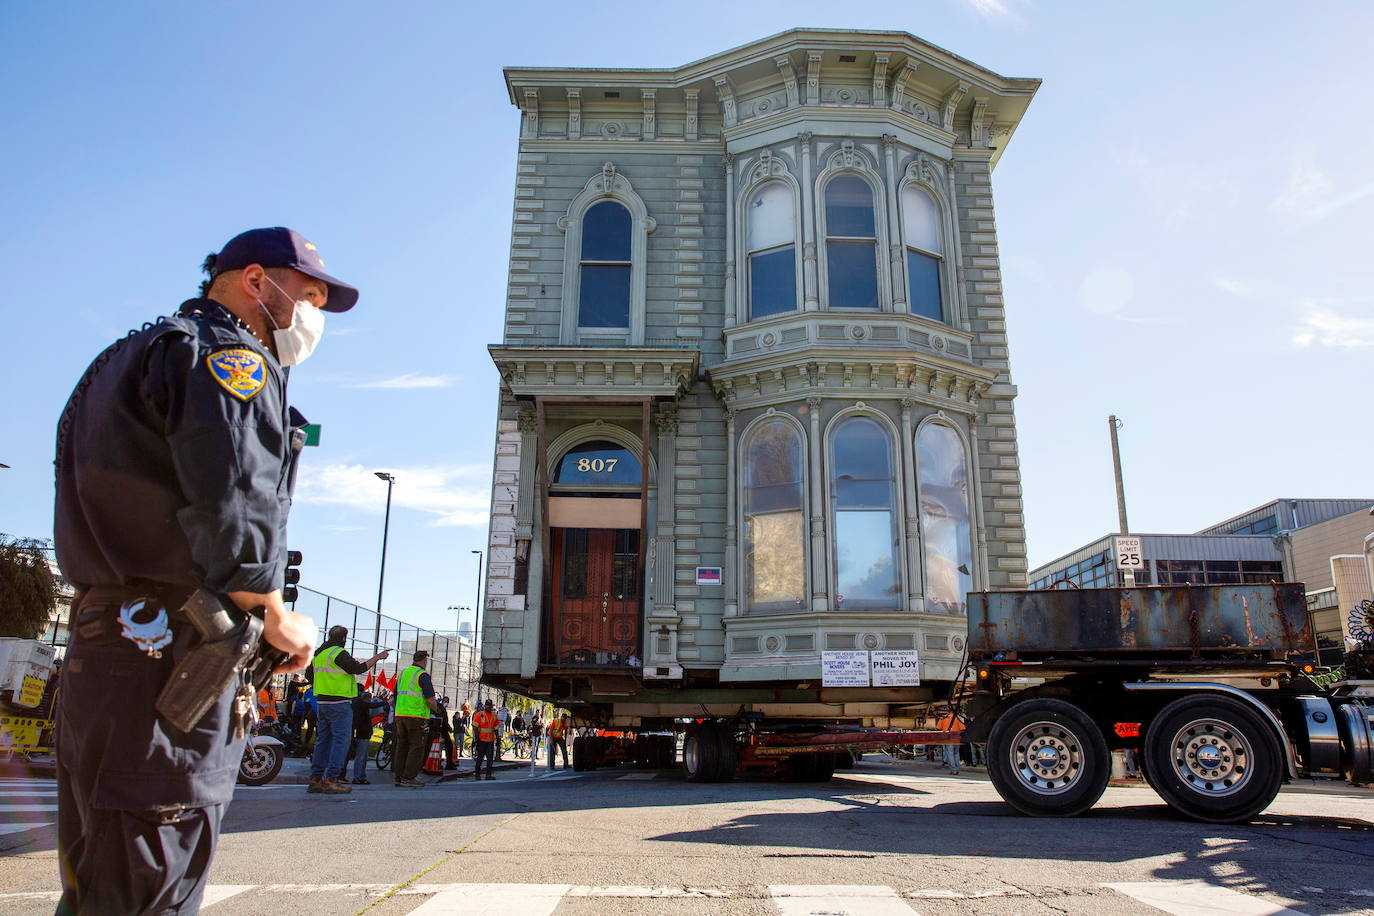 Impresionante traslado de una casa victoriana de 143 años por las calles de San Francisco